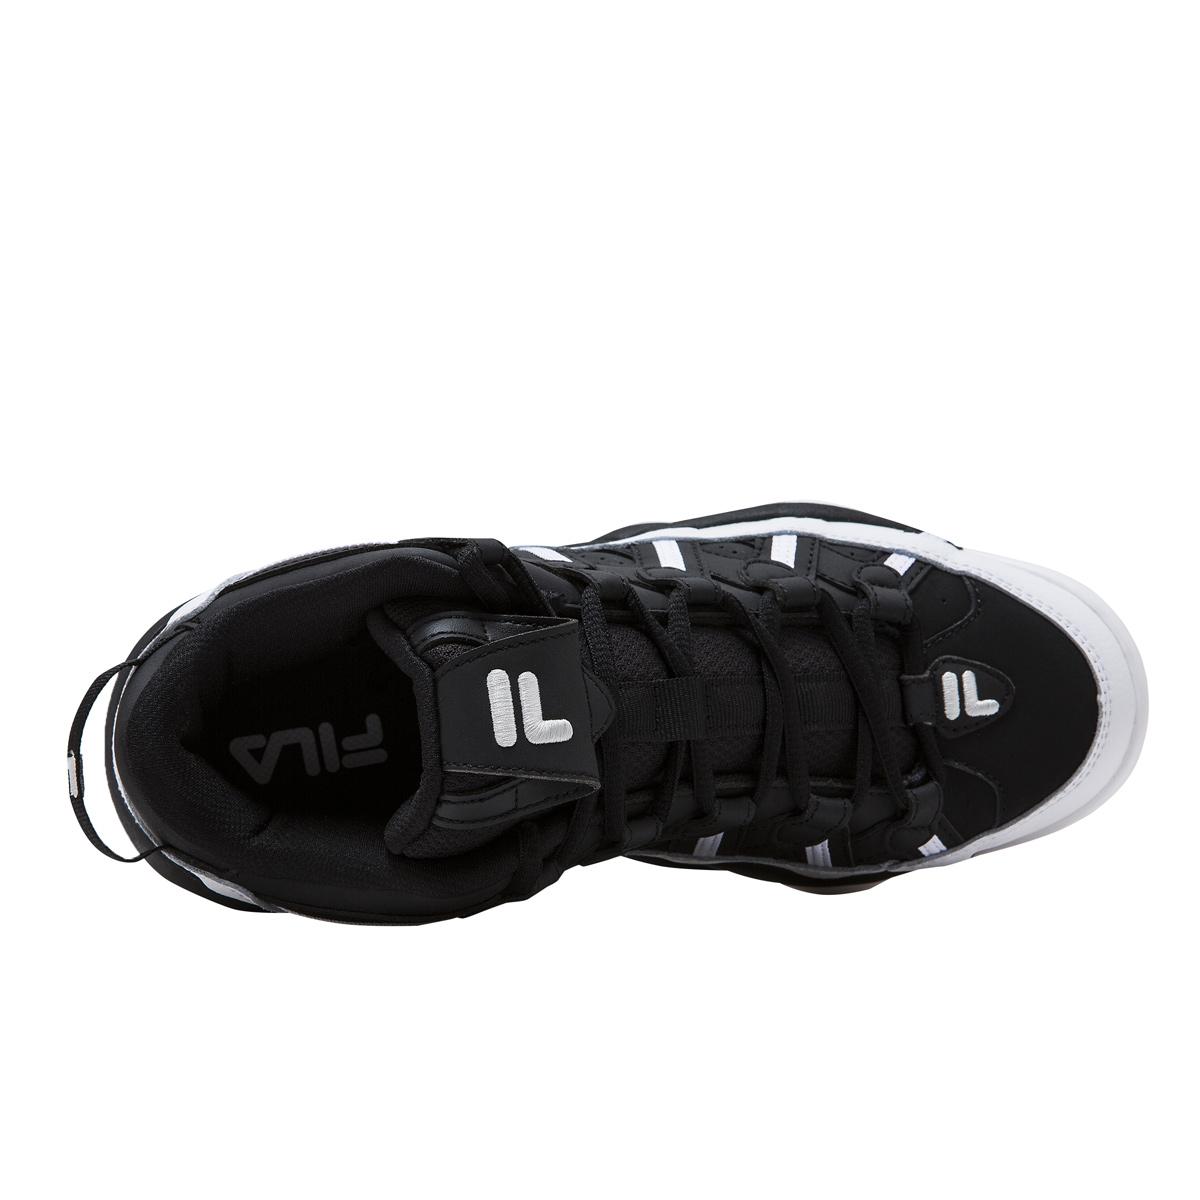 628d212f02d1 ... men s Shoes star basketball shoes tide shoes casual sports shoes  basketball shoes. Zoom · lightbox moreview · lightbox moreview · lightbox  moreview ...